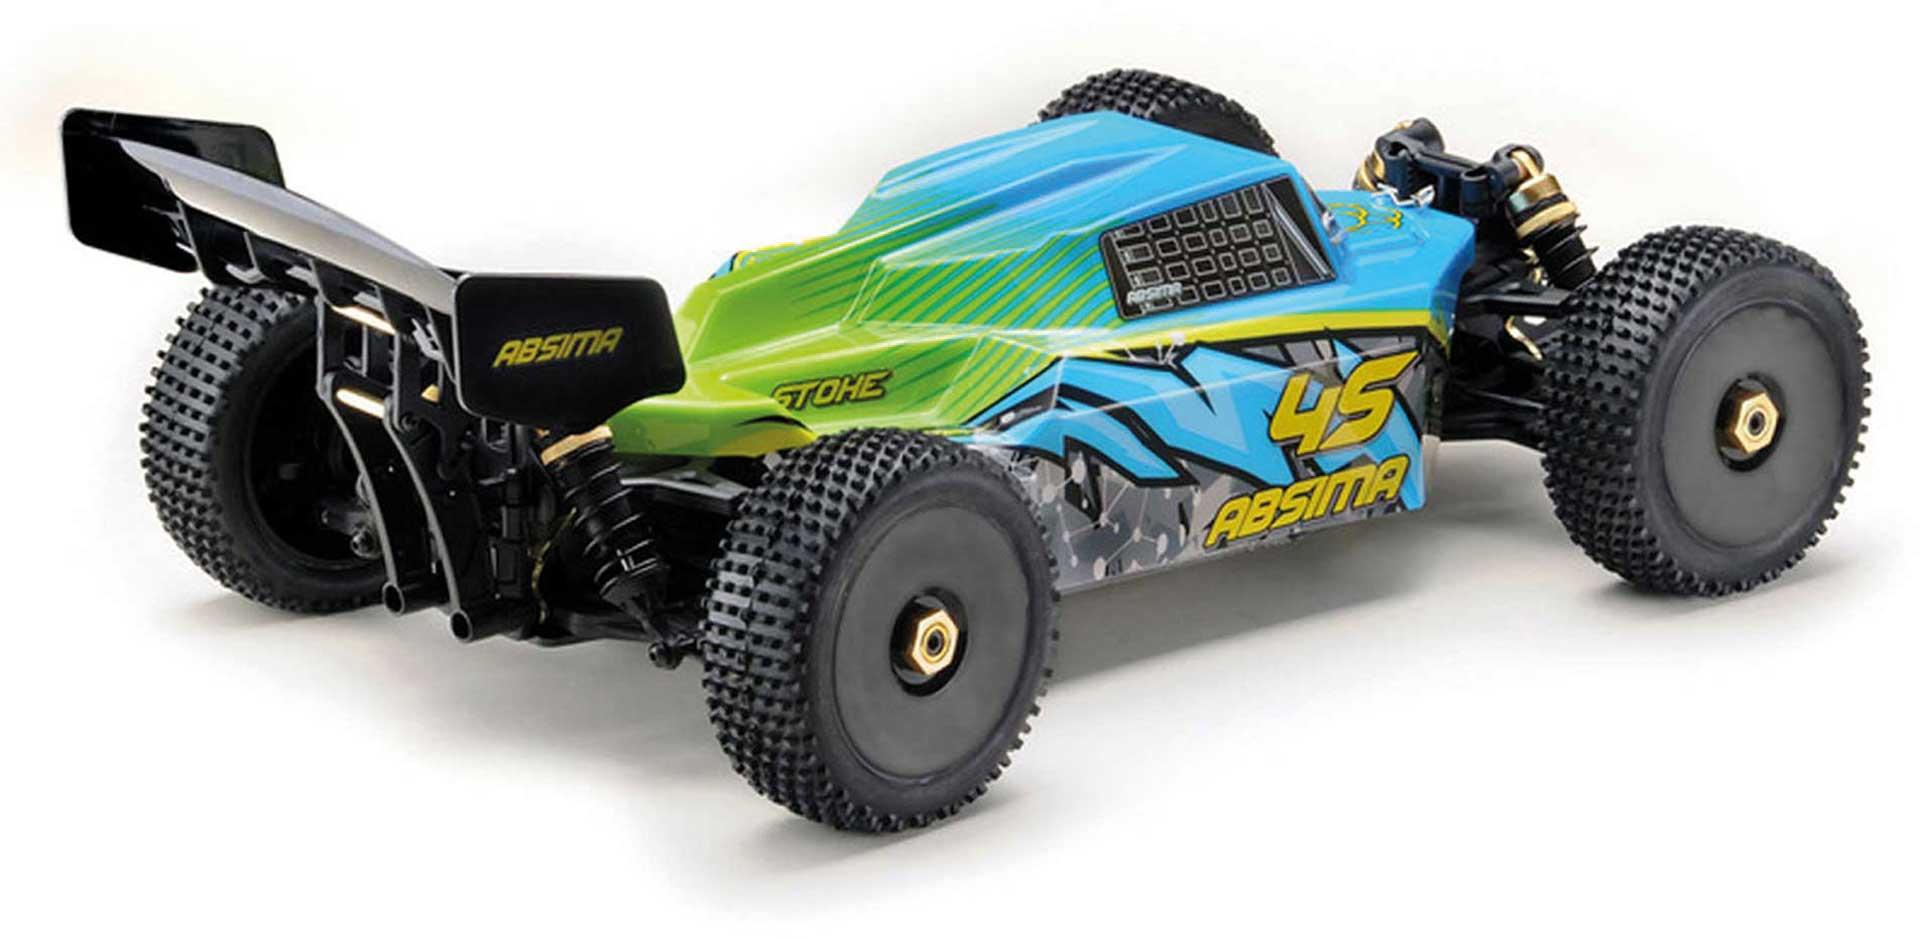 ABSIMA Stoke Gen2.1 4S 1/8 Buggy RTR